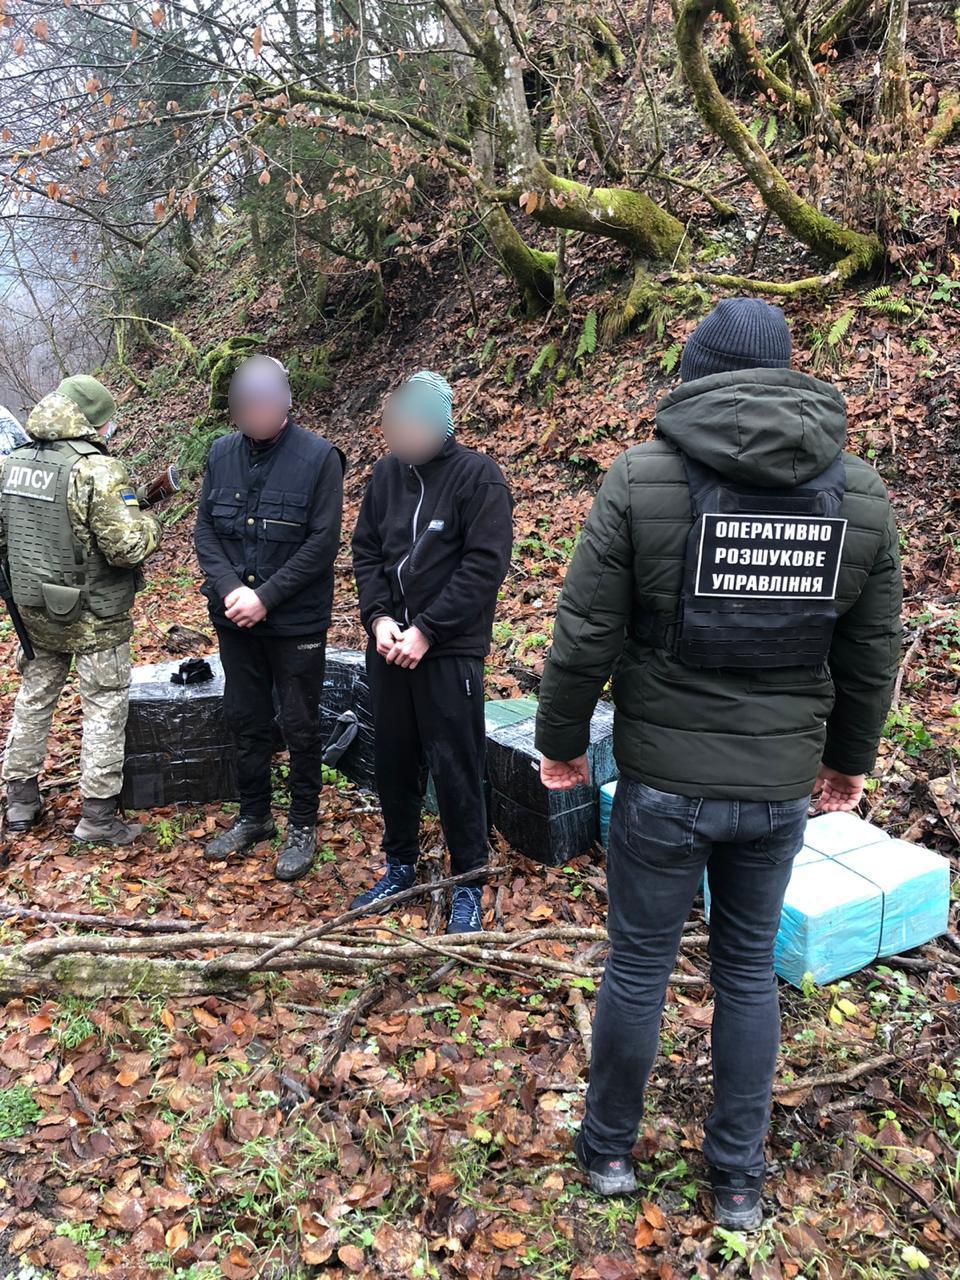 Рахівський районний суд призначив двом закарпатцям по 10 діб арешту, а одному з них ще й доведеться заплатити 8,5 тис. грн штрафу.